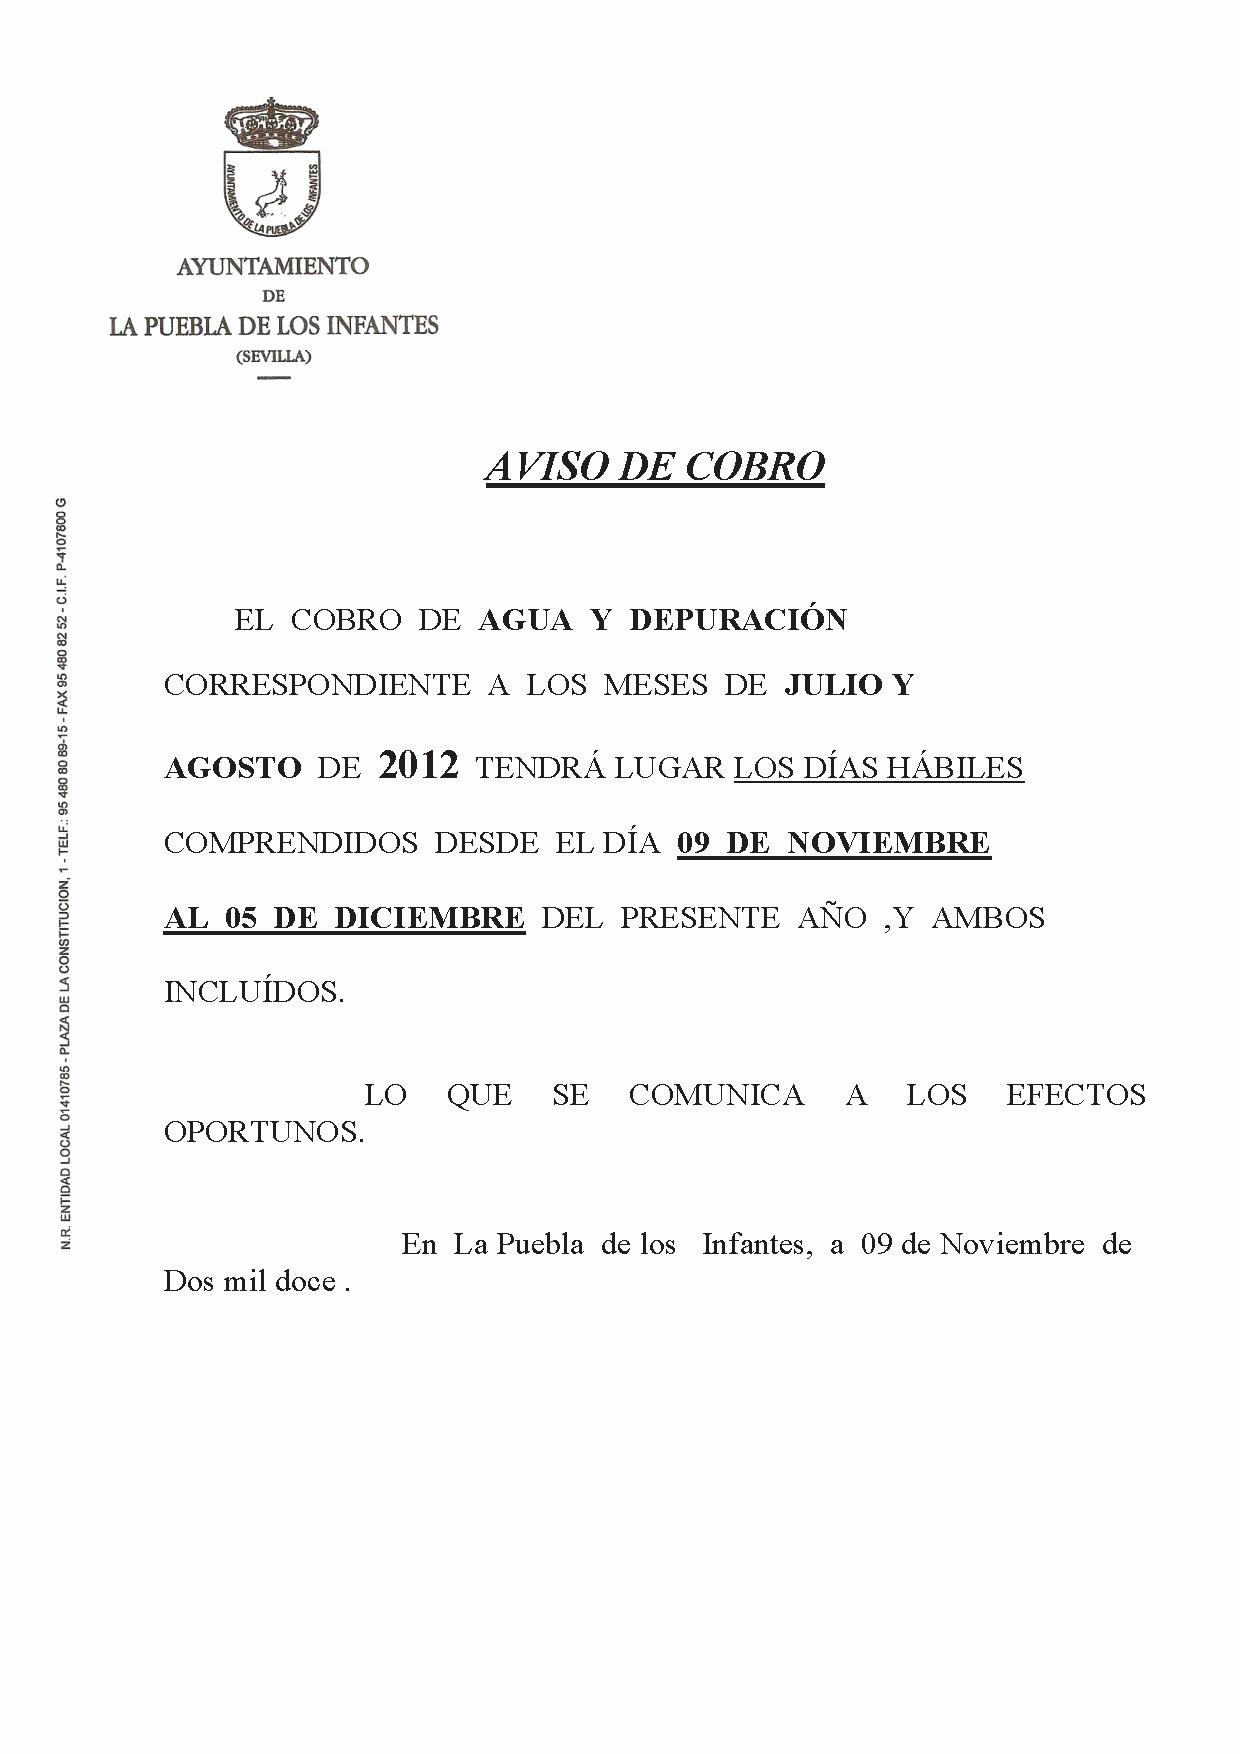 Carta De Cobro De Deuda Lovely Aviso De Cobro Agua Y Depuracion – Puebla De Los Infantes